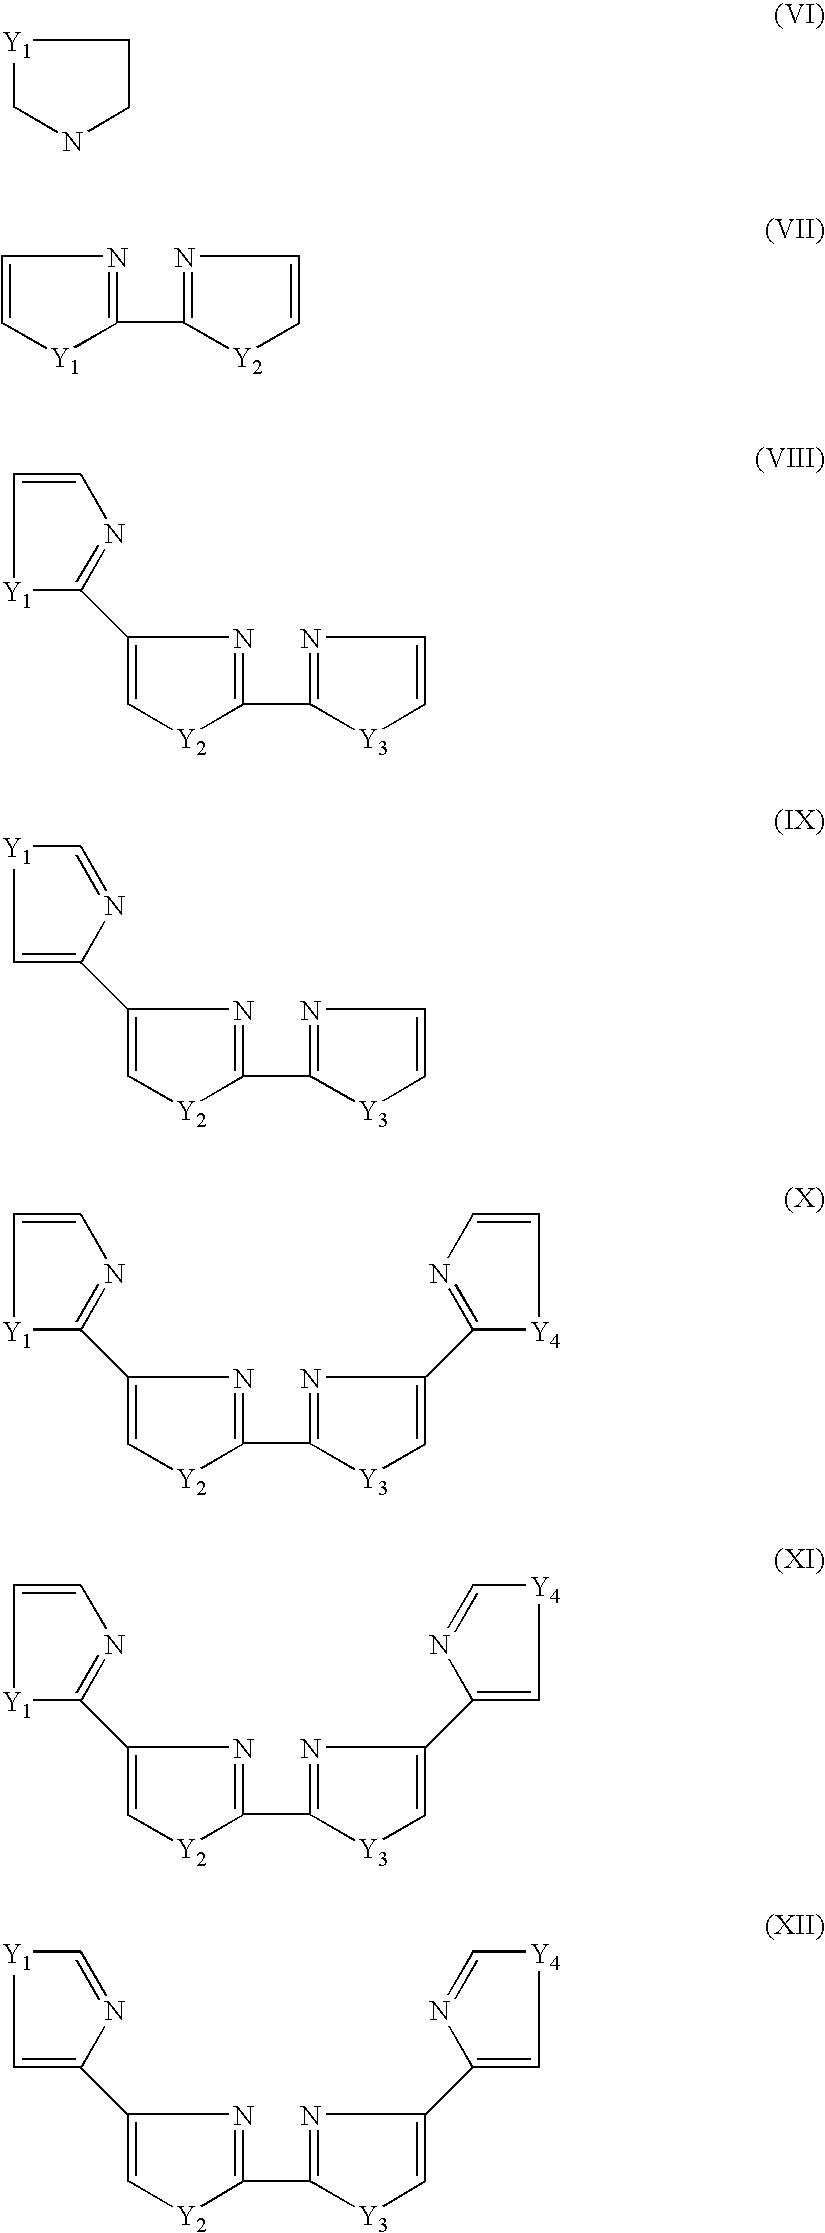 Figure US20090014328A1-20090115-C00005